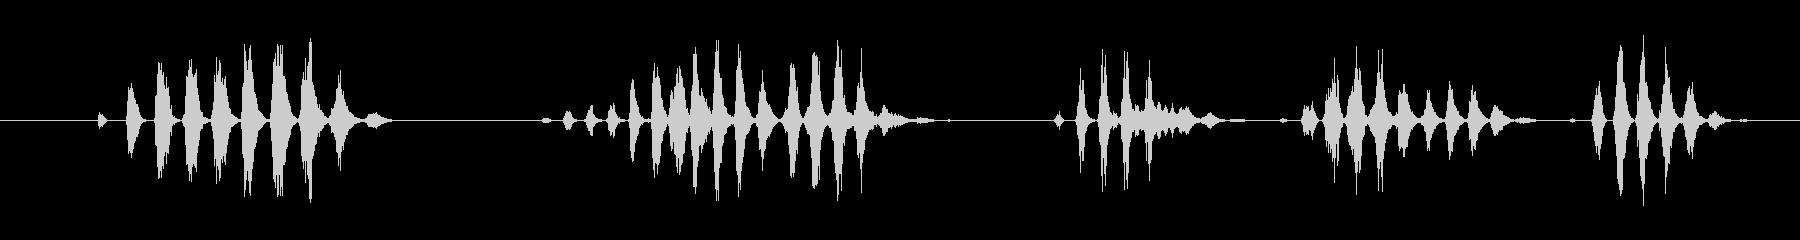 特撮 ガラガラ通知02の未再生の波形